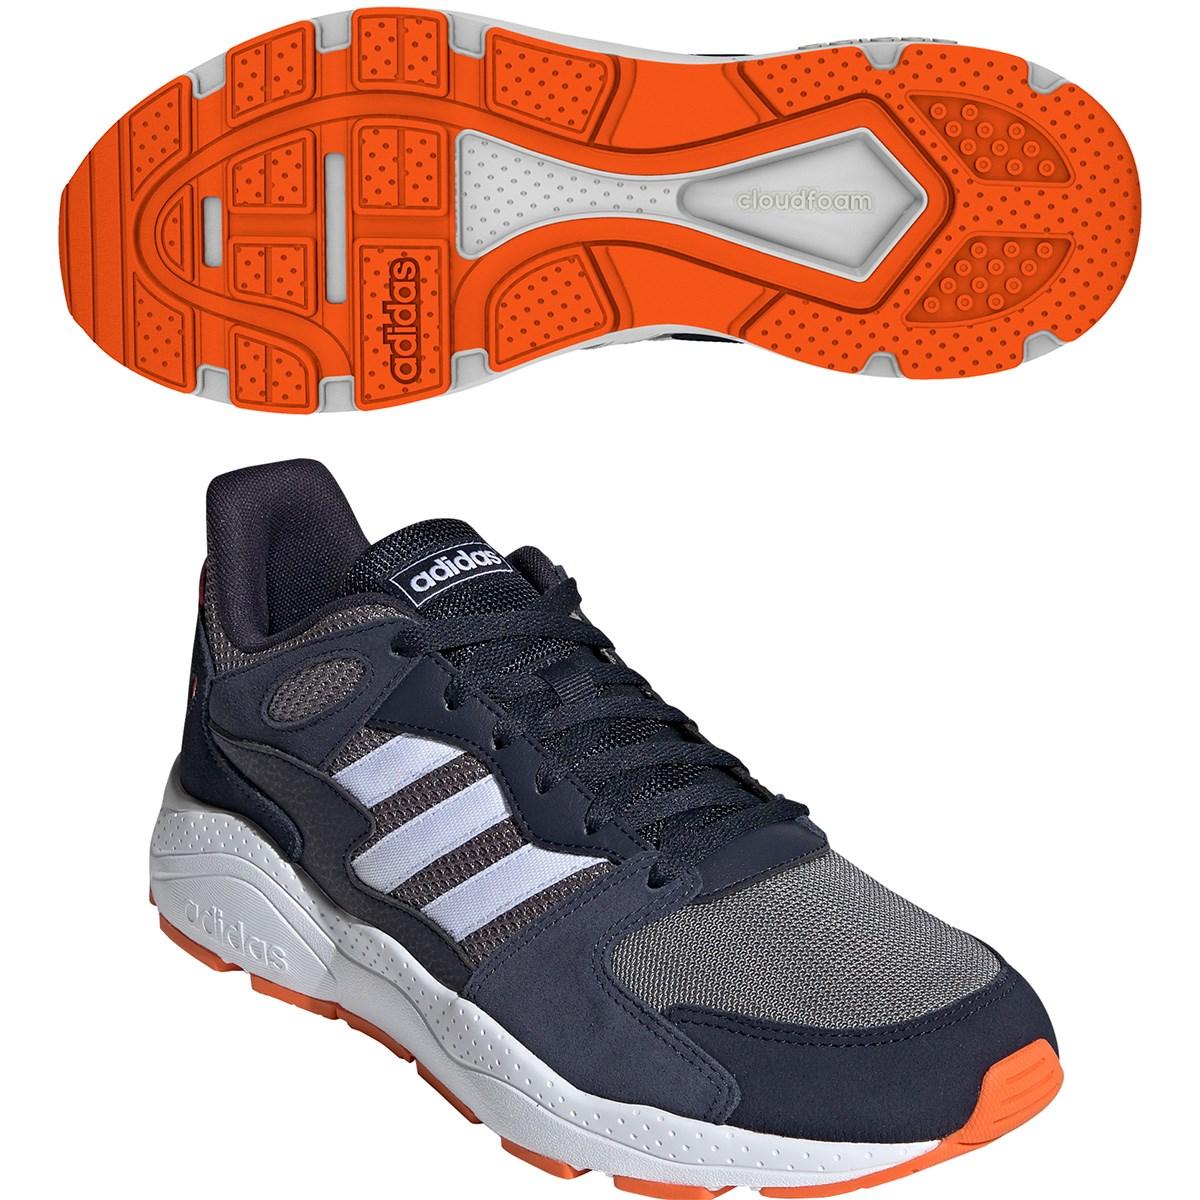 アディダス Adidas CHAOS シューズ 25cm グレースリーF17/ランニングホワイト/レジェンドインクF17